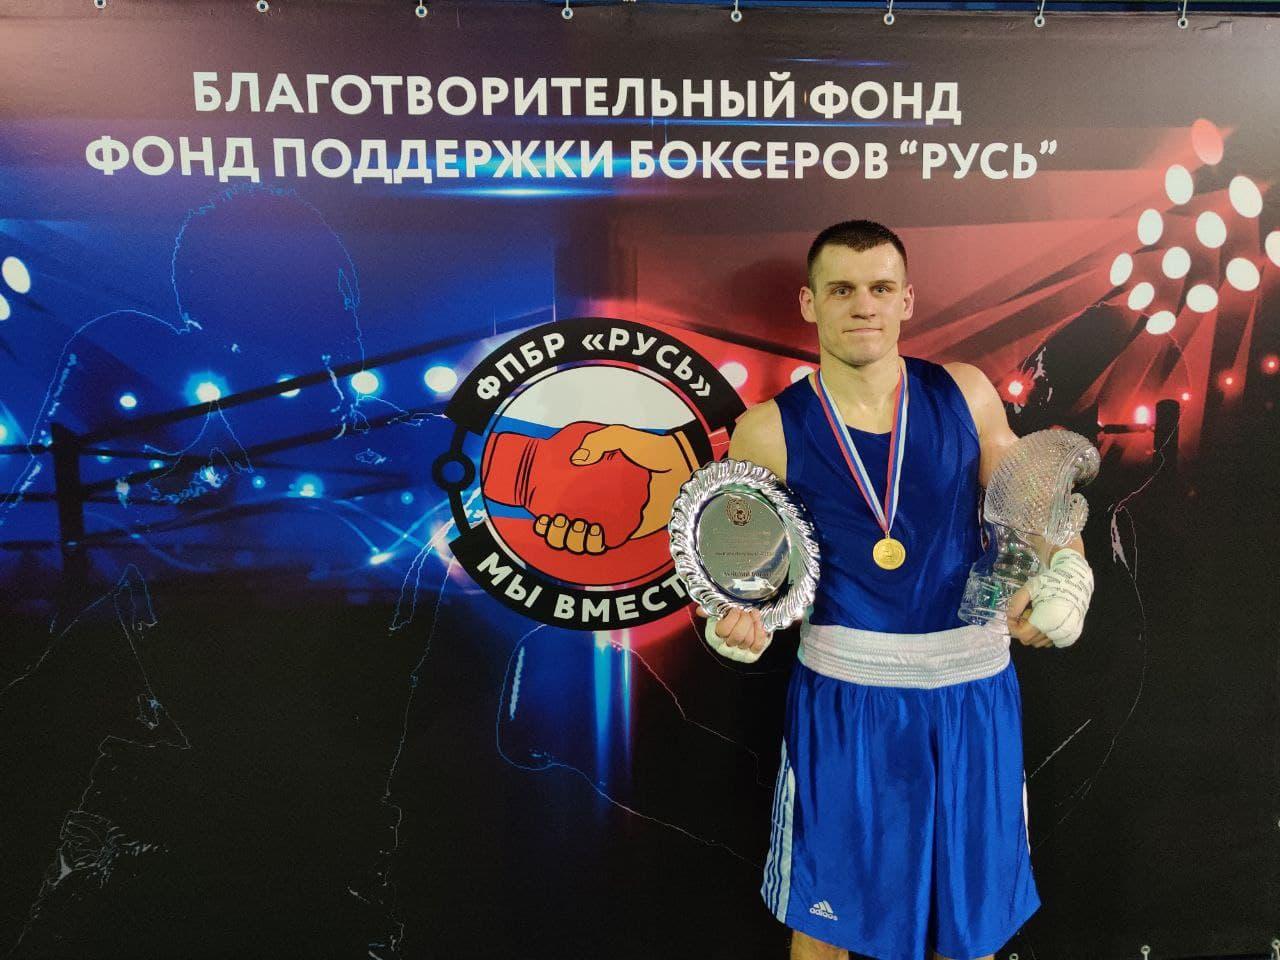 Подмосковные боксеры завоевали 16 медалей на всероссийских соревнованиях